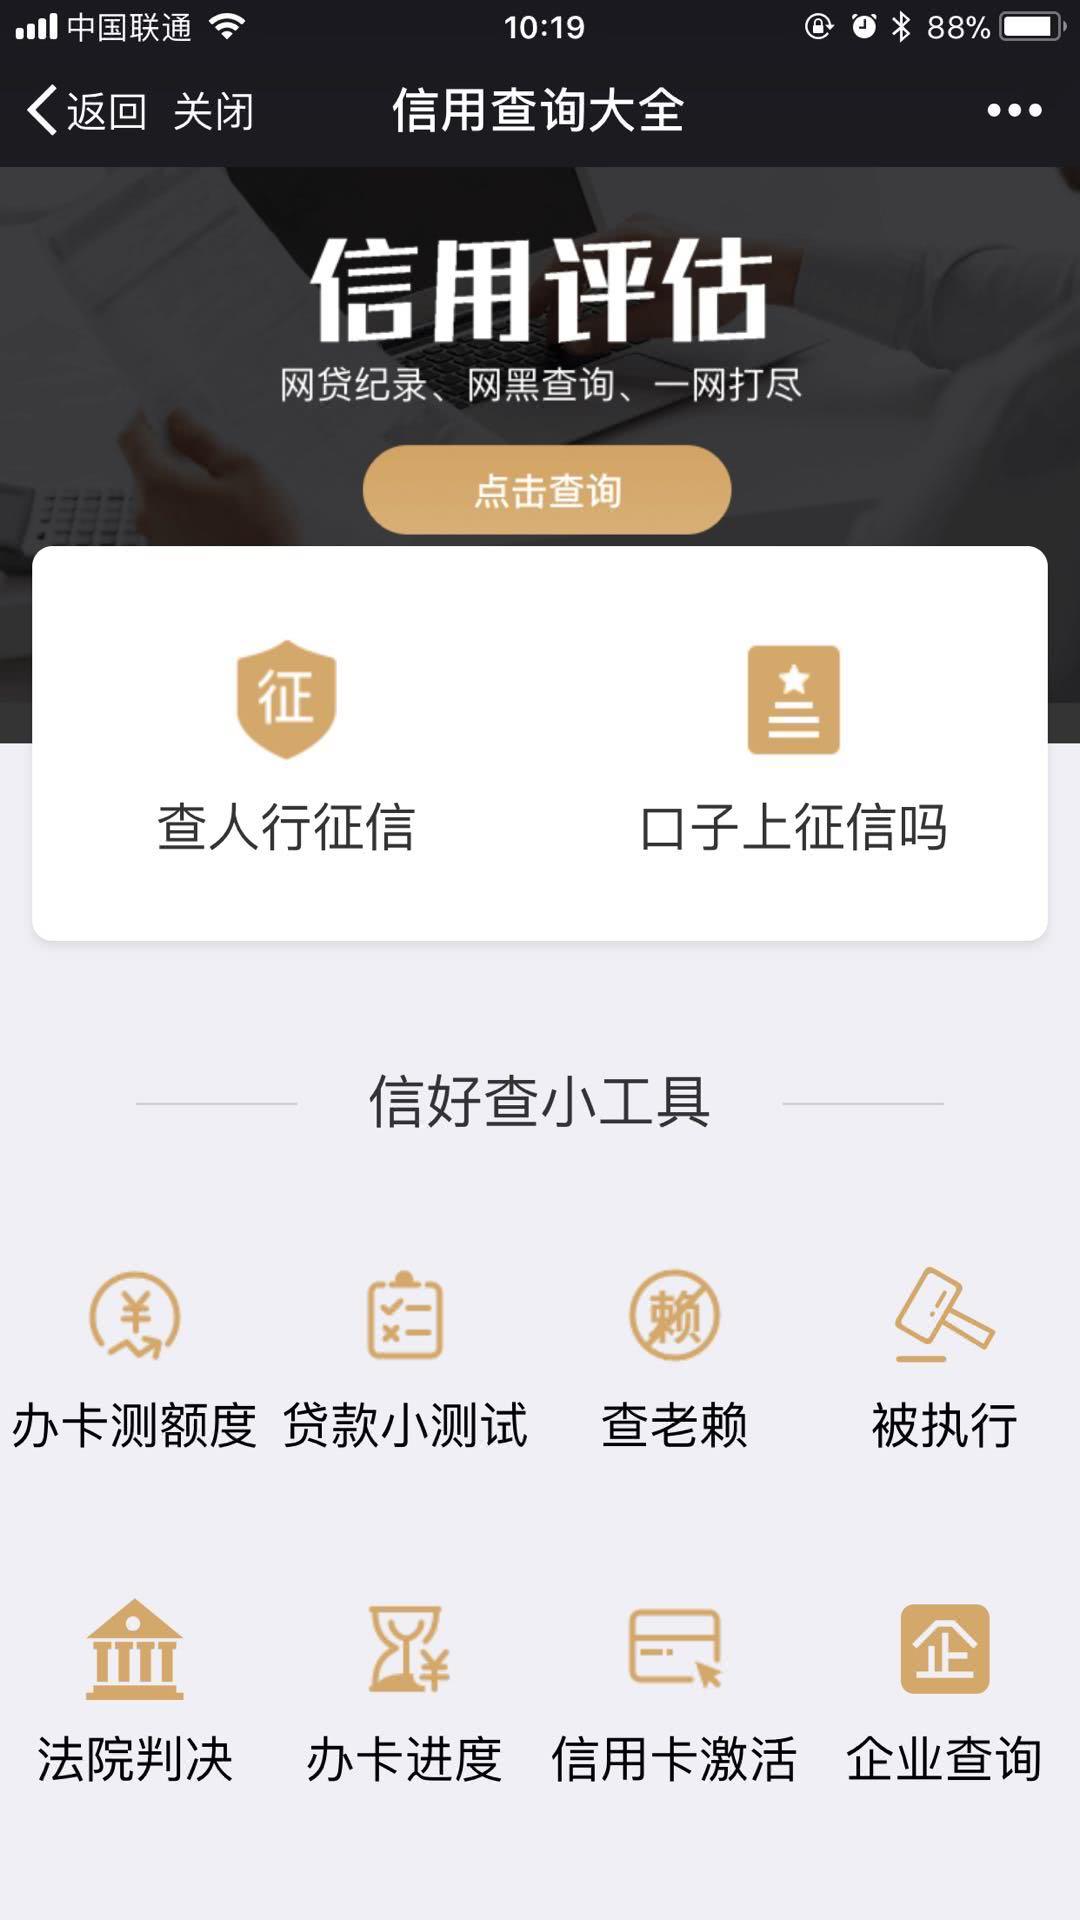 【炫】51查 2.0.0版本模块,个人信用征信查询模块